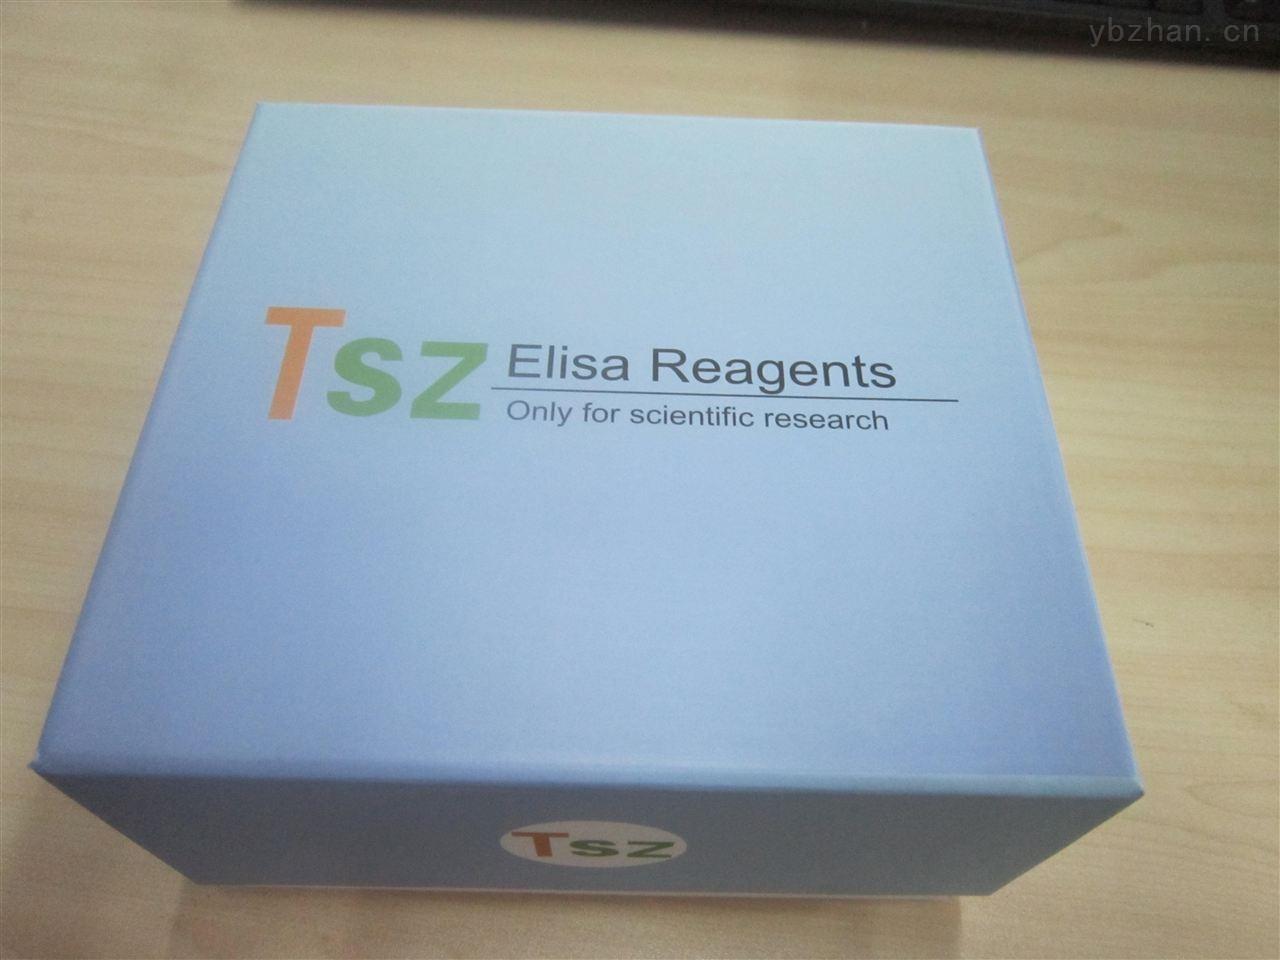 苏云金芽孢杆菌蛋白(BT)Elisa试剂盒说明书